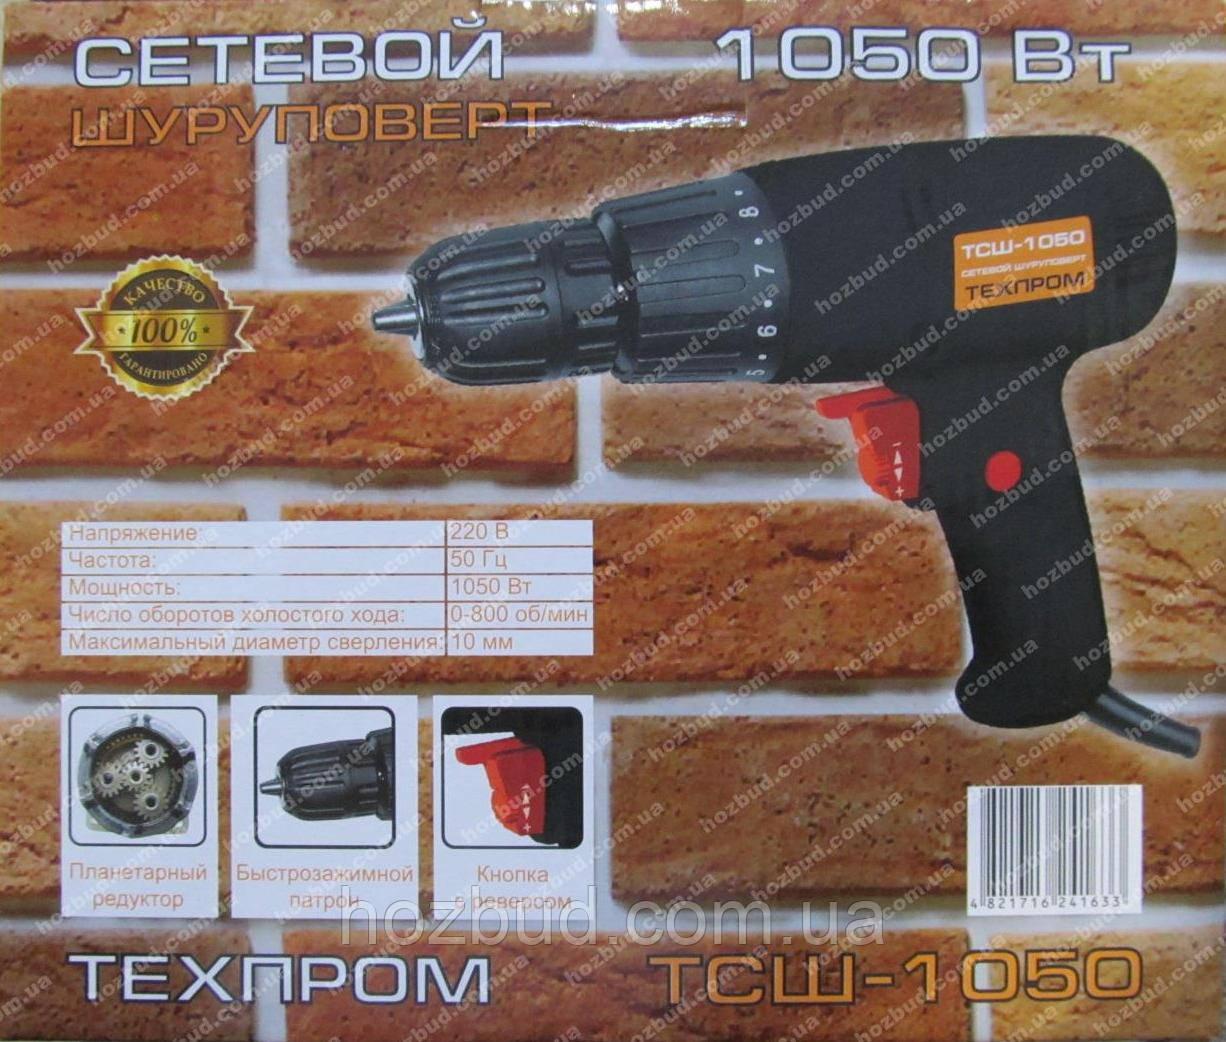 Сетевой шуруповерт Техпром ТСШ-1050